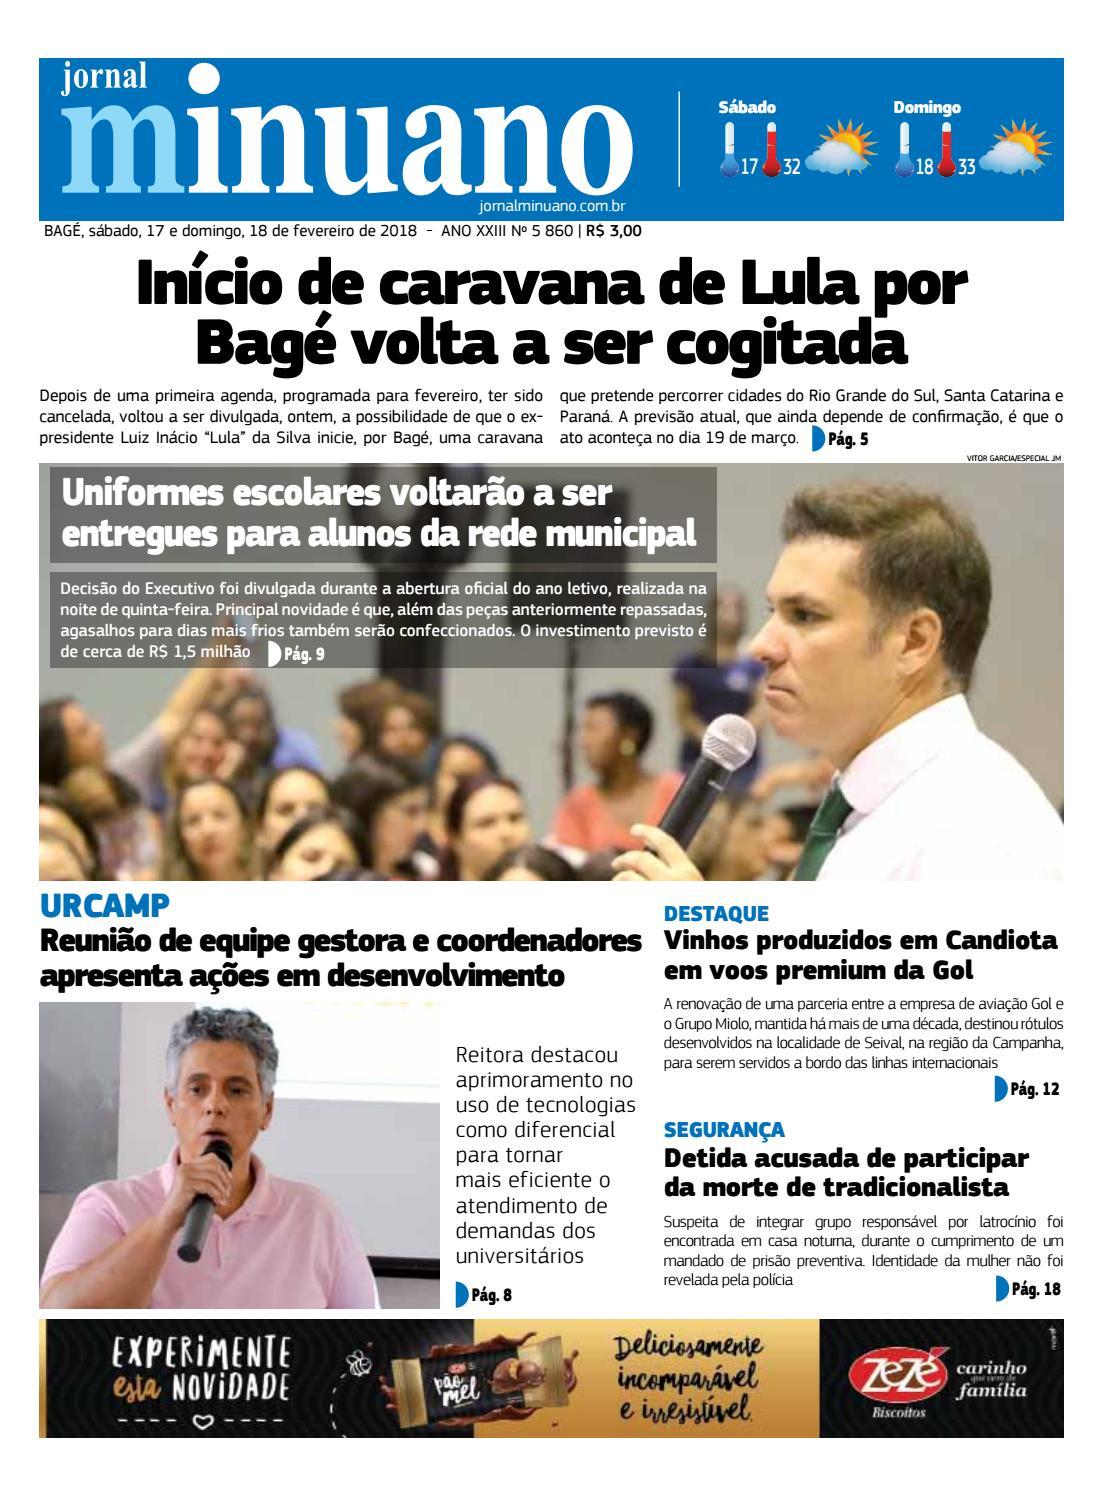 115919a453 20180217 by Jornal Minuano - issuu